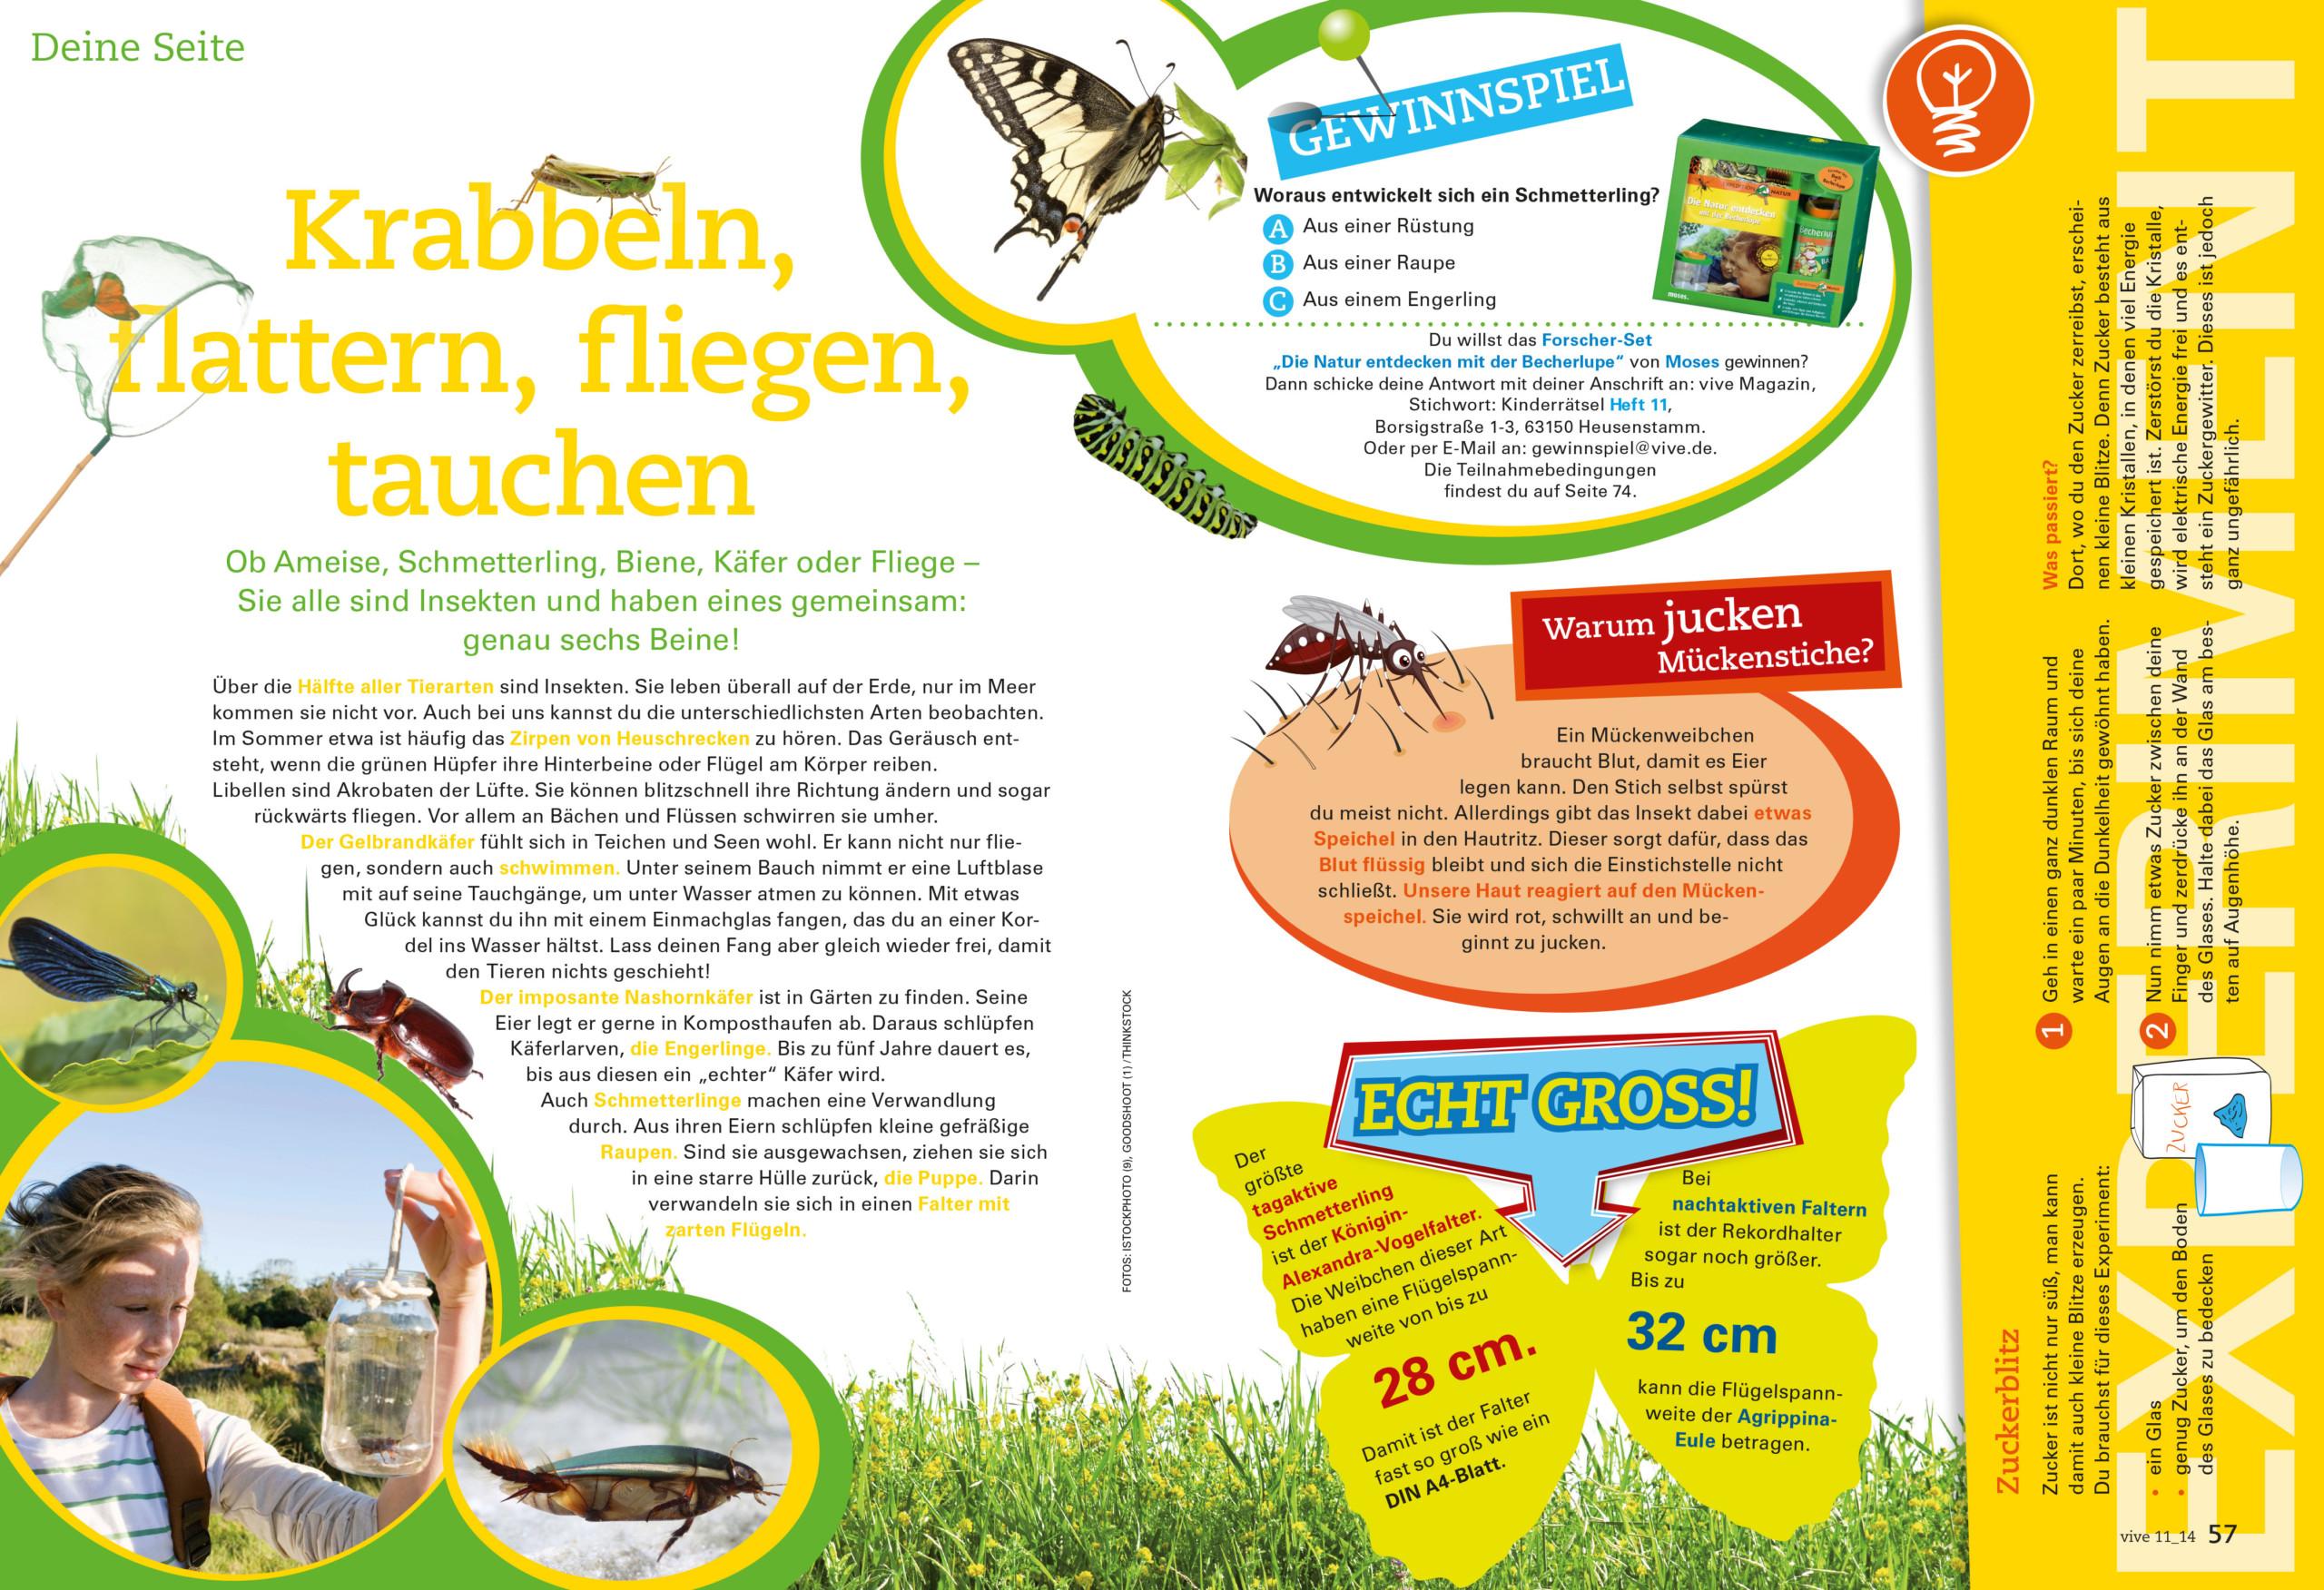 VIVE / ALPHEGA Kundenmagazin – Kinderseiten Thema Insekten